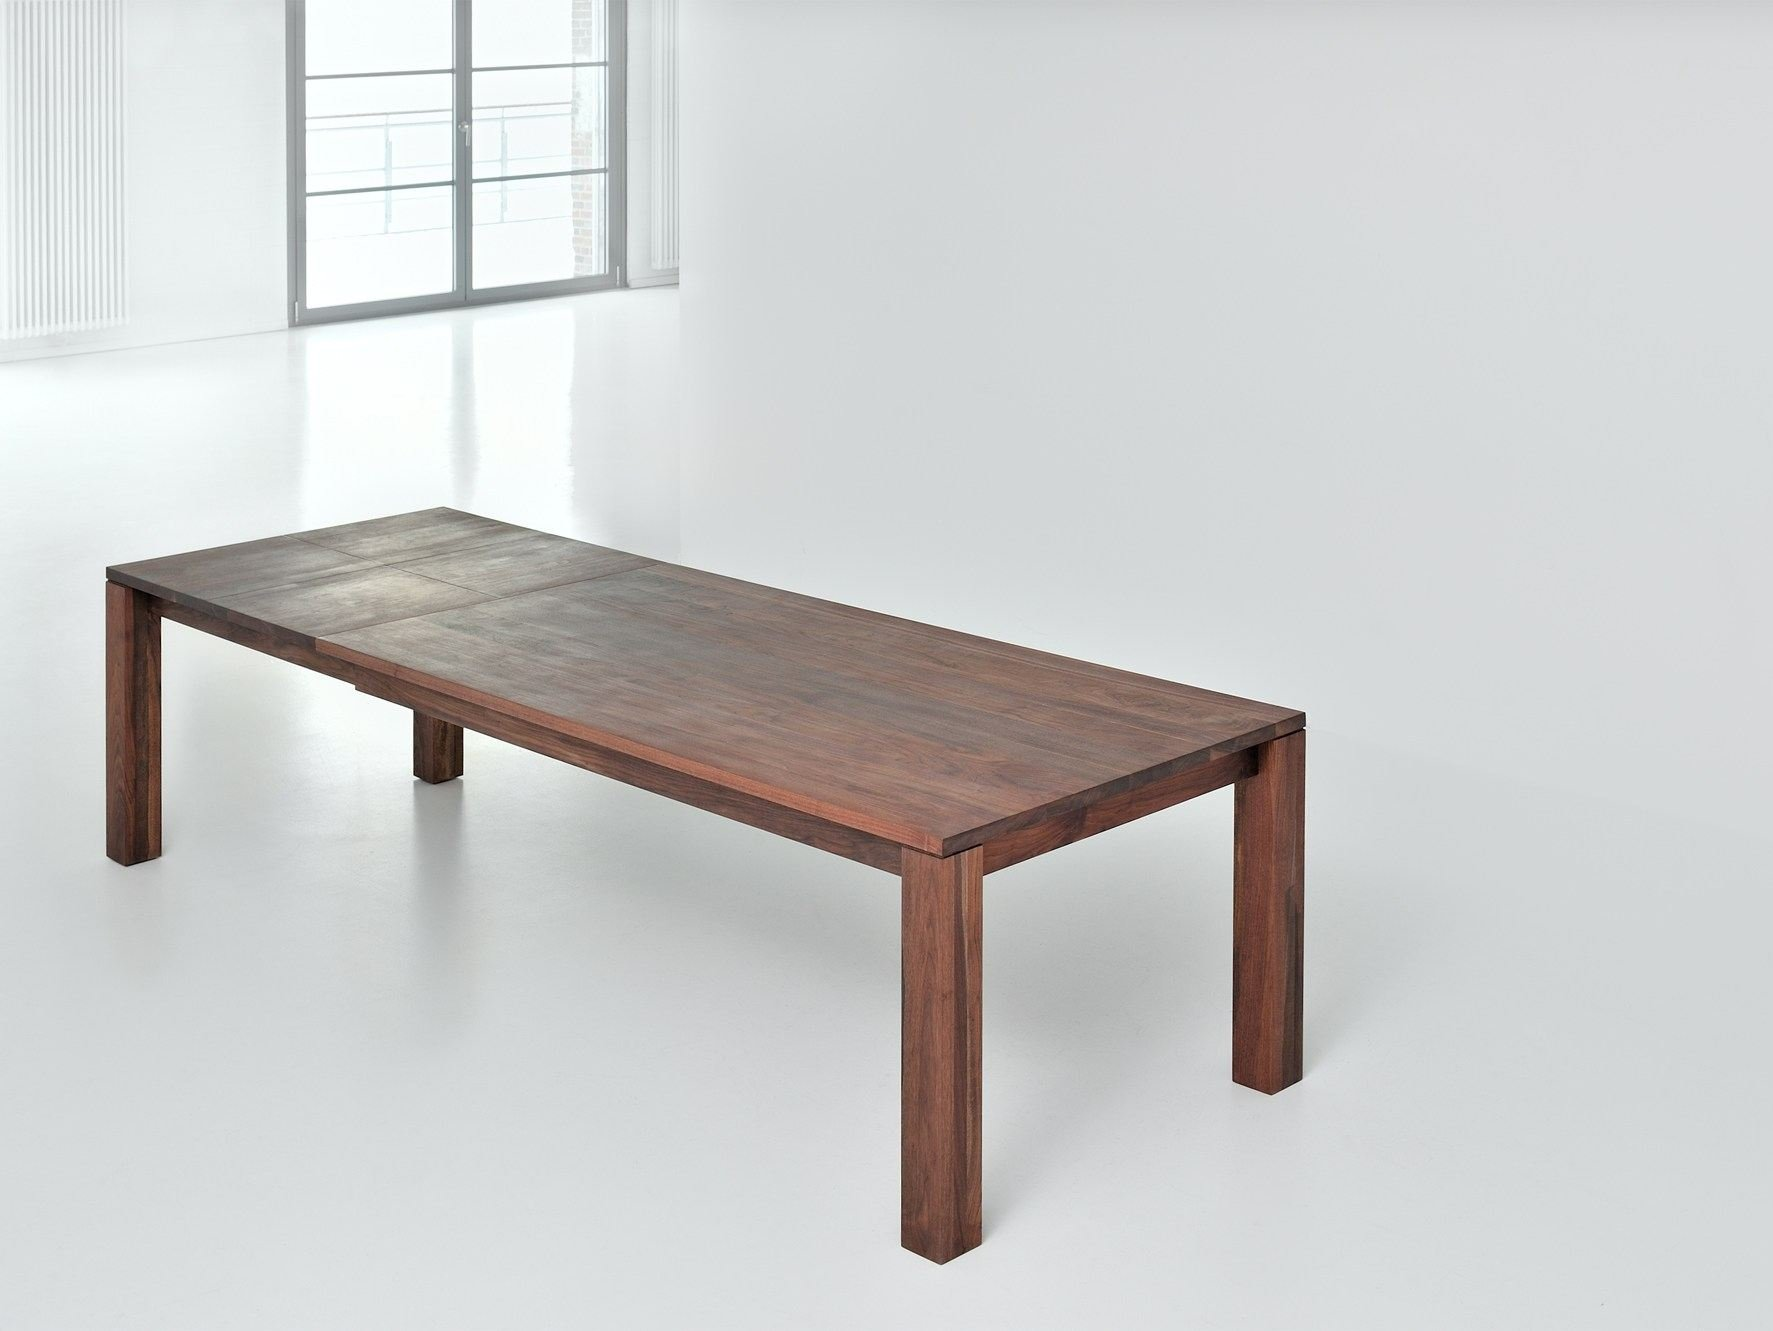 Tavolo allungabile rettangolare in legno massello living for Tavolo quadrato allungabile design